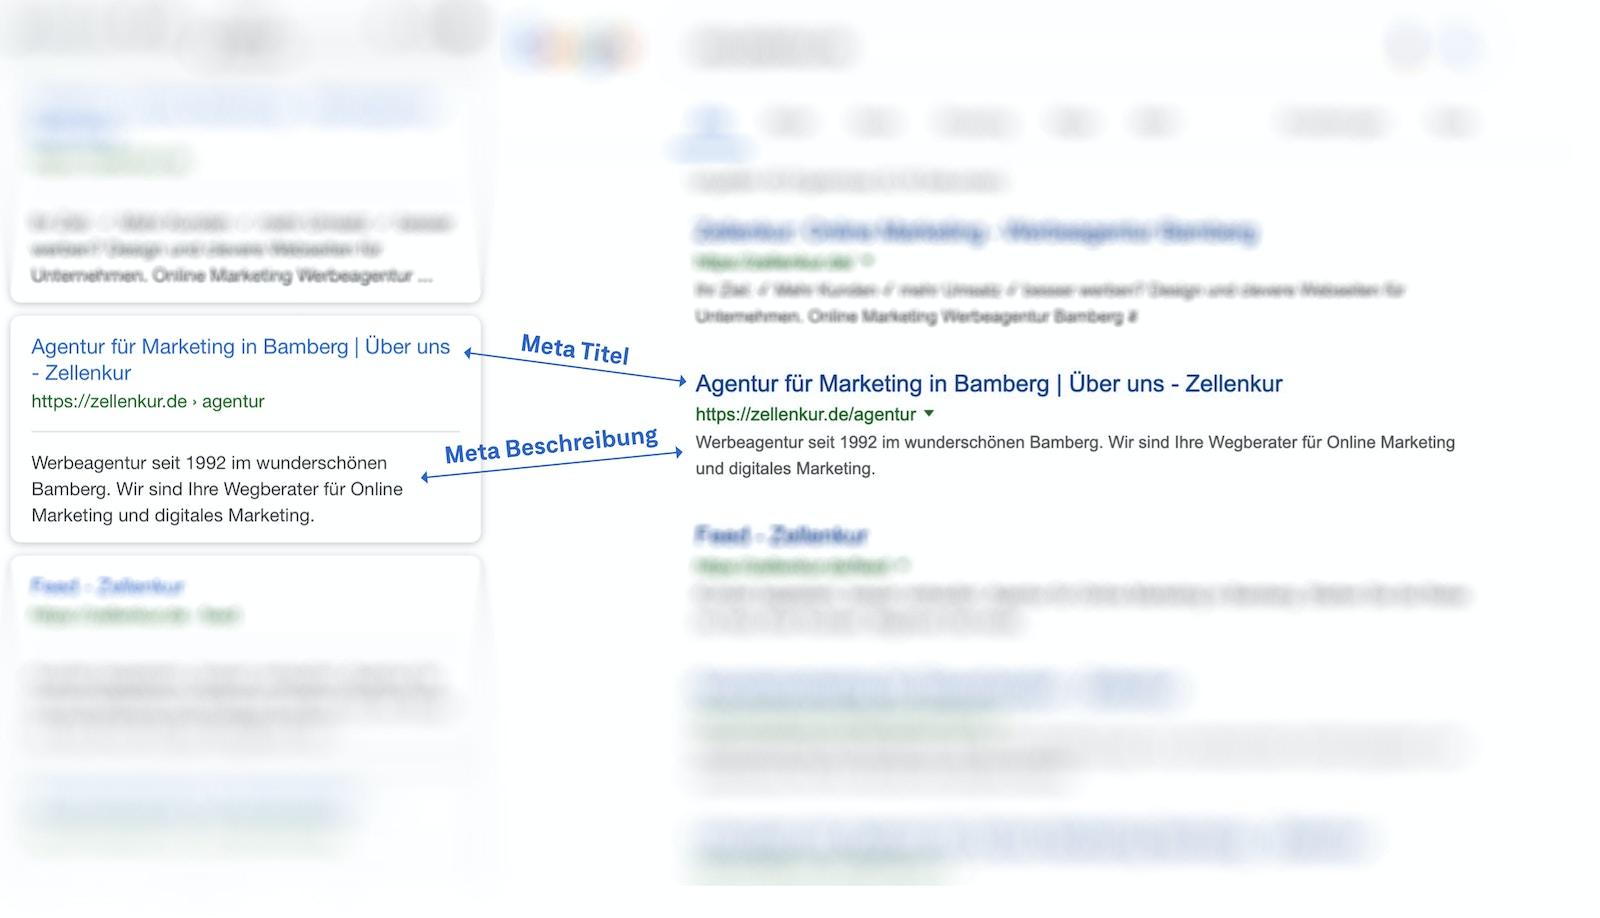 Wichtige Punkte, damit die Firmen-Webseite gefunden wird: Meta Titel und Beschreibung.